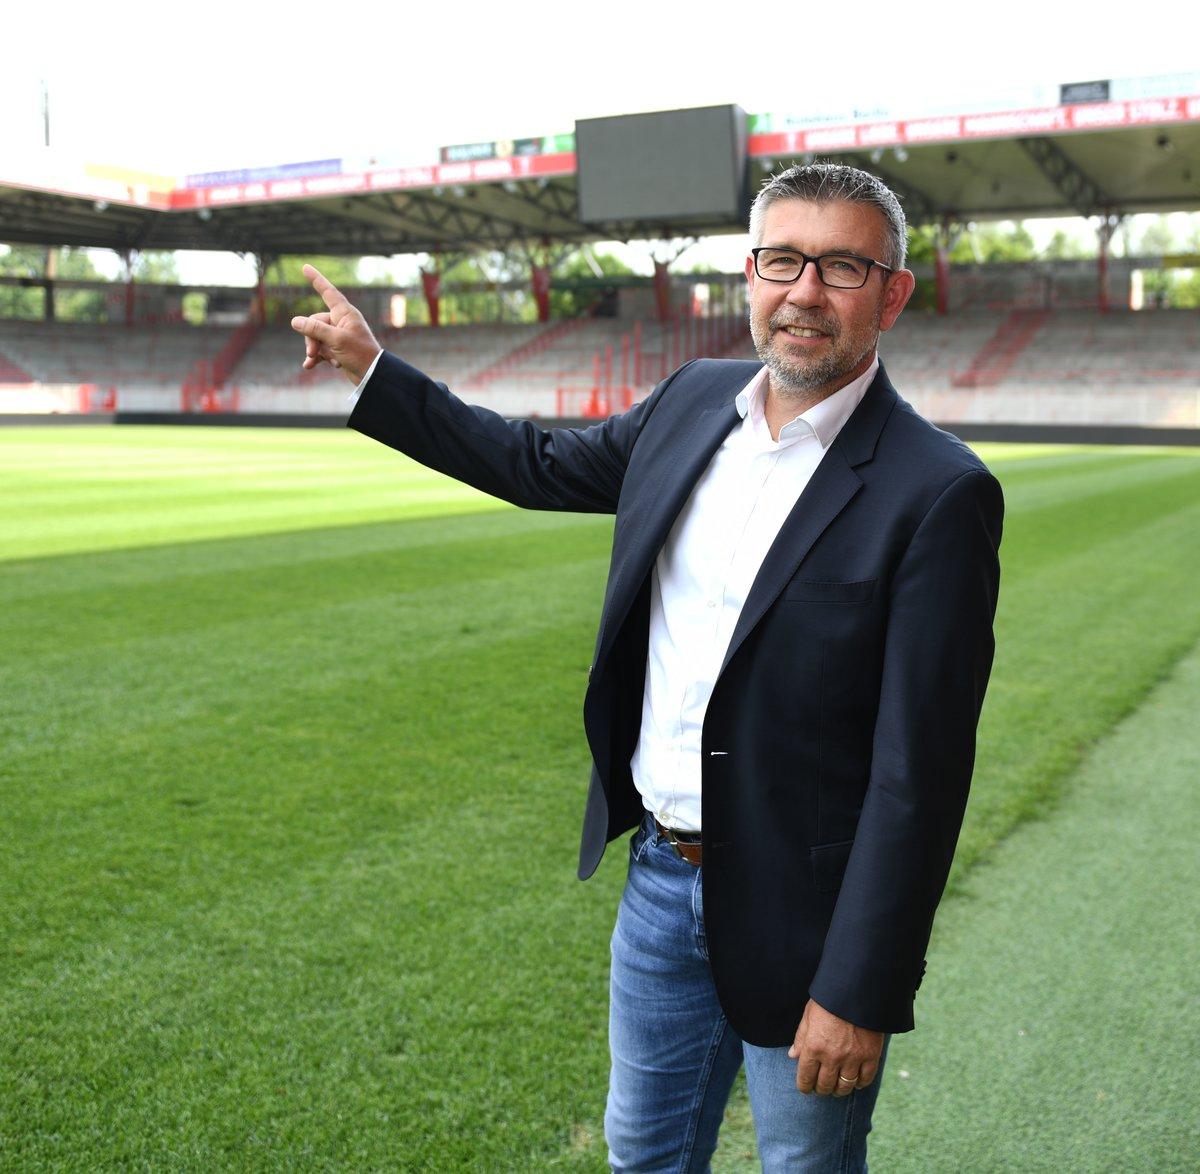 Union Setzt Jetzt Auf Einen Schweizer Trainer Urs Fischer Erhielt